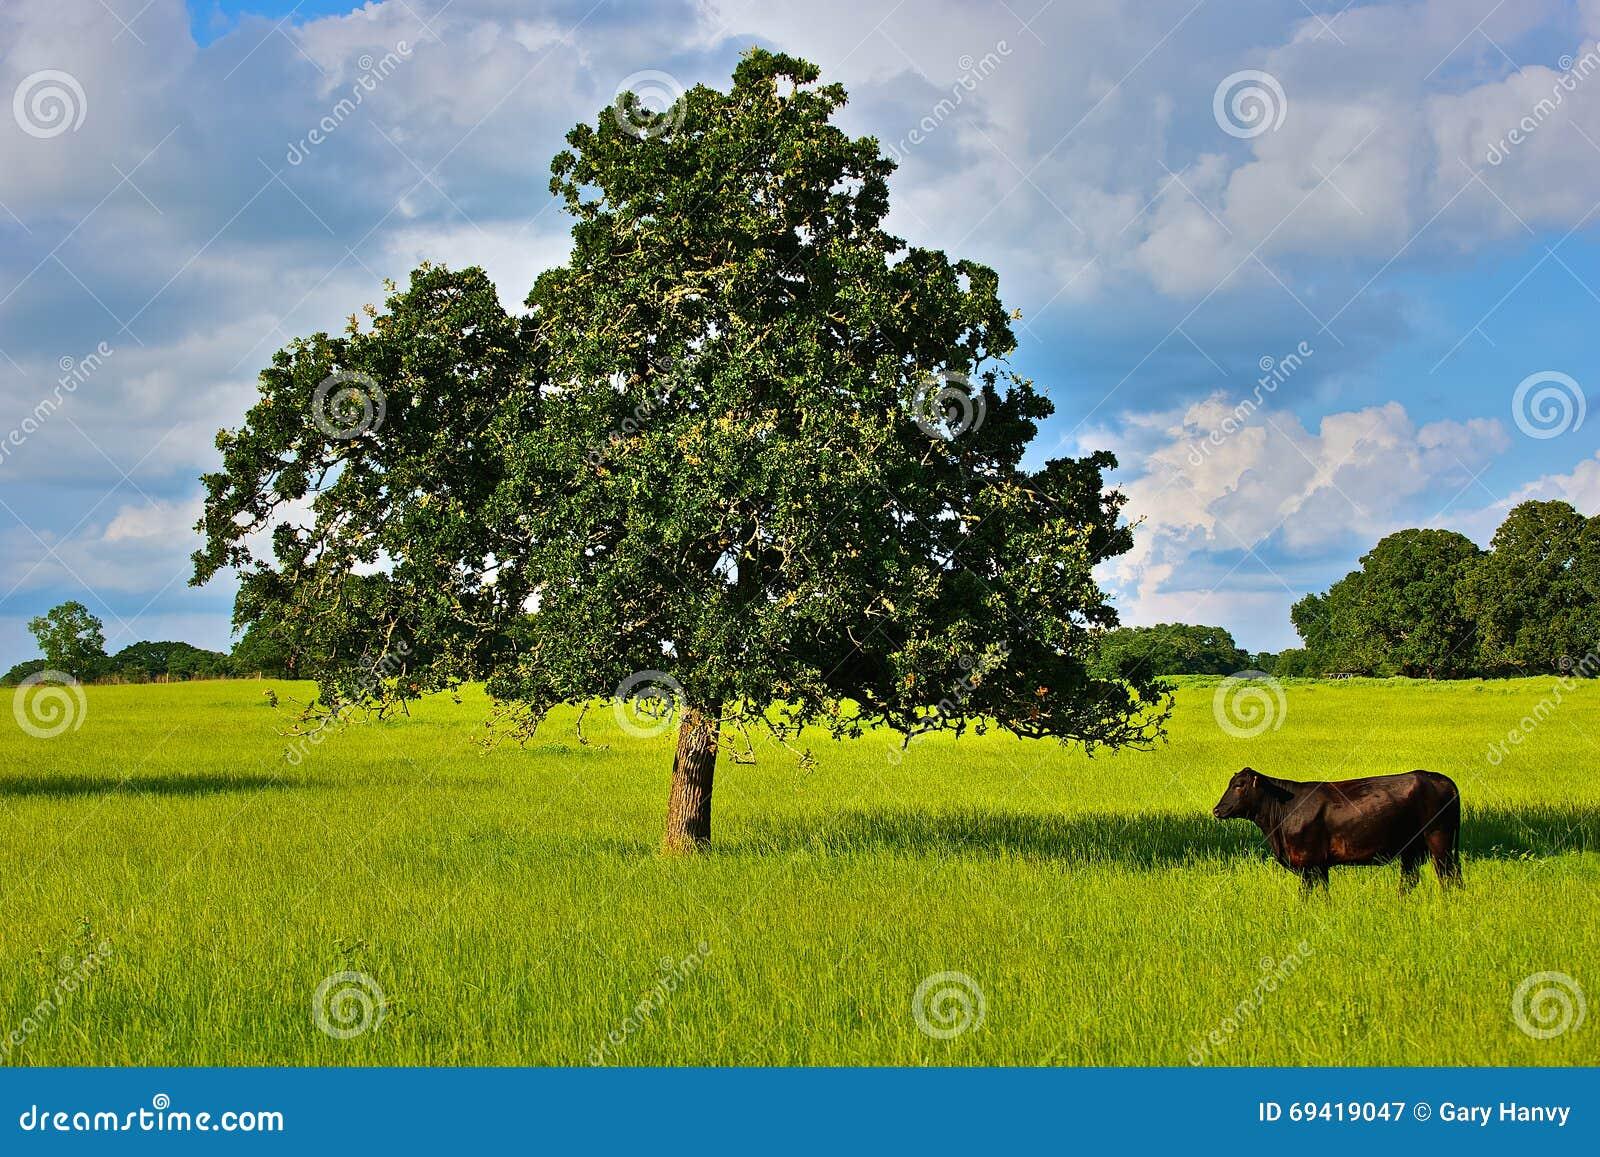 Απομονωμένος ταύρος και δρύινο δέντρο στο έδαφος αγροκτημάτων του Τέξας